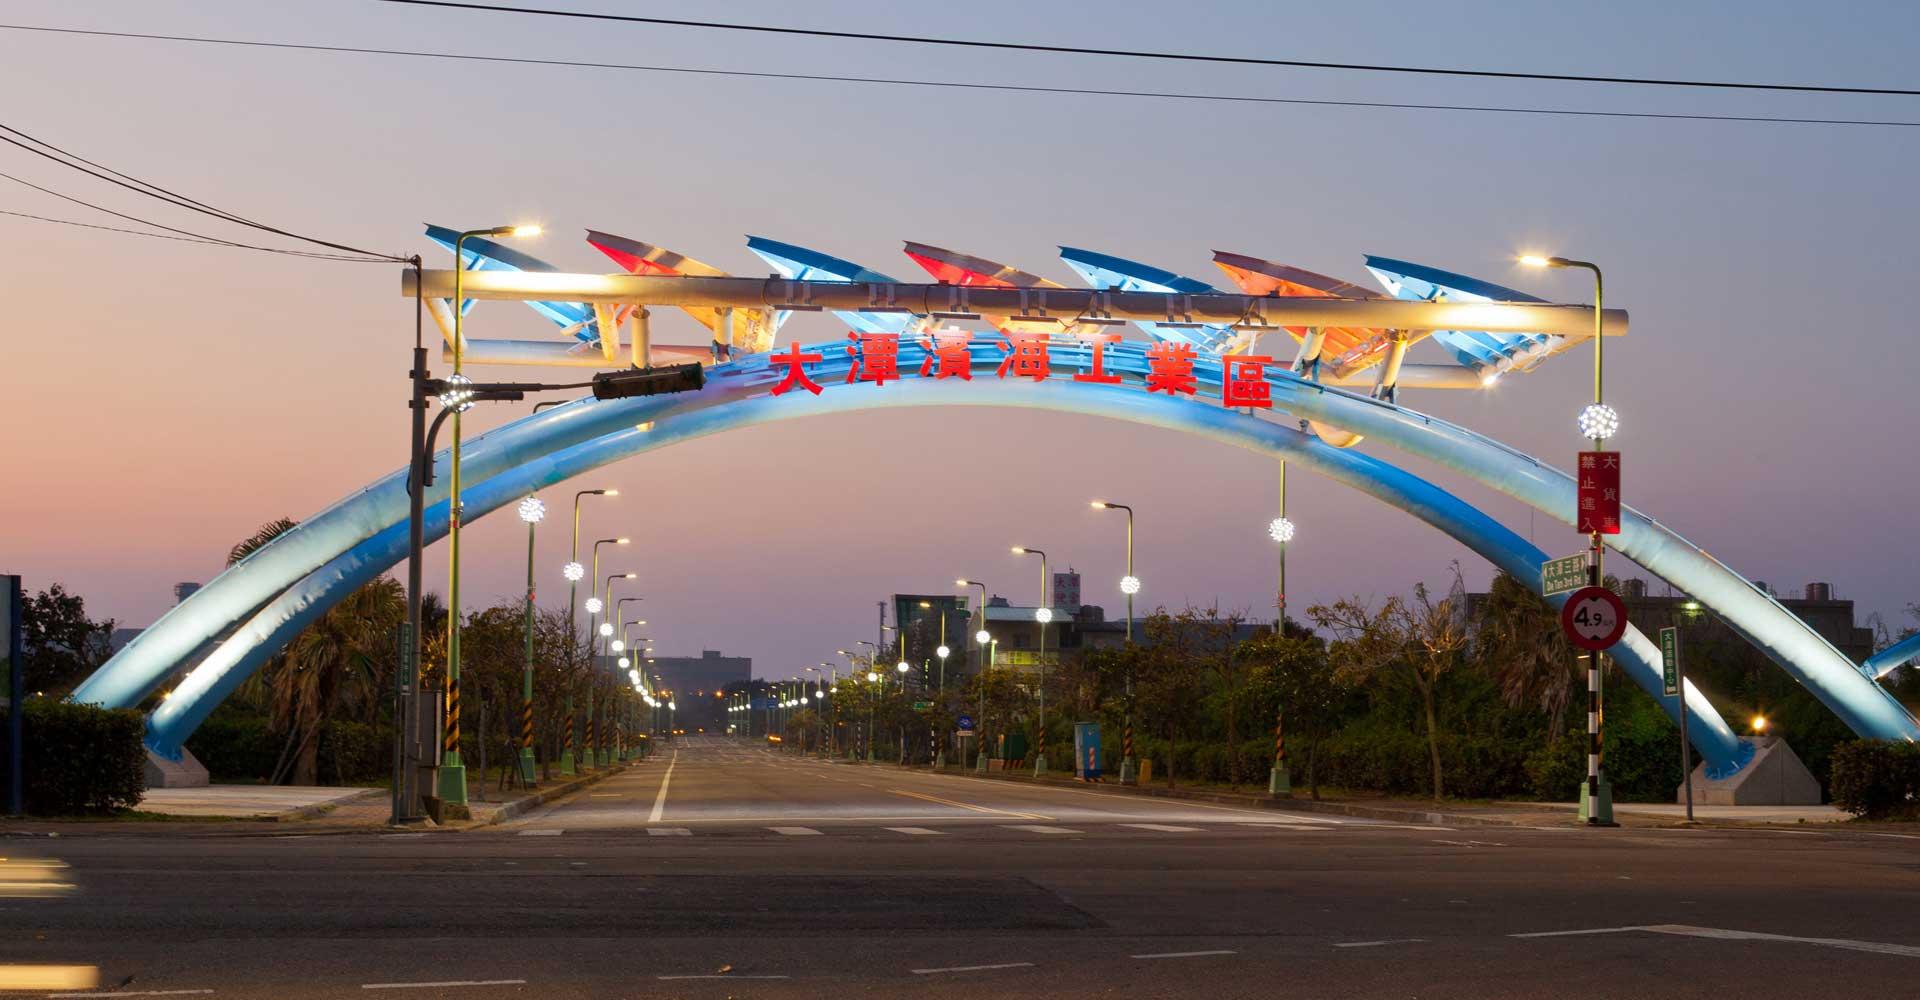 造型獨特的大潭濱海工業區拱型架,是大潭濱海工業區一處重要的入口指標;我們利用藍白相間的白色造型飾版,透過LED燈五彩的變化,將工業區入口意象點綴上繽紛色彩,奐然一新的蛻變使工業區上班的民眾也紛紛駐足觀賞。 穿越造型拱型架後即進入工業區路段,我們將以光球表現整體迎賓大道的氣勢,如同結綵的綵球創造熱鬧又一致的獨特景觀,除了表現大潭濱海工業區非凡的迎賓意象,也營造別於不同工業區夜間的魅力氛圍。